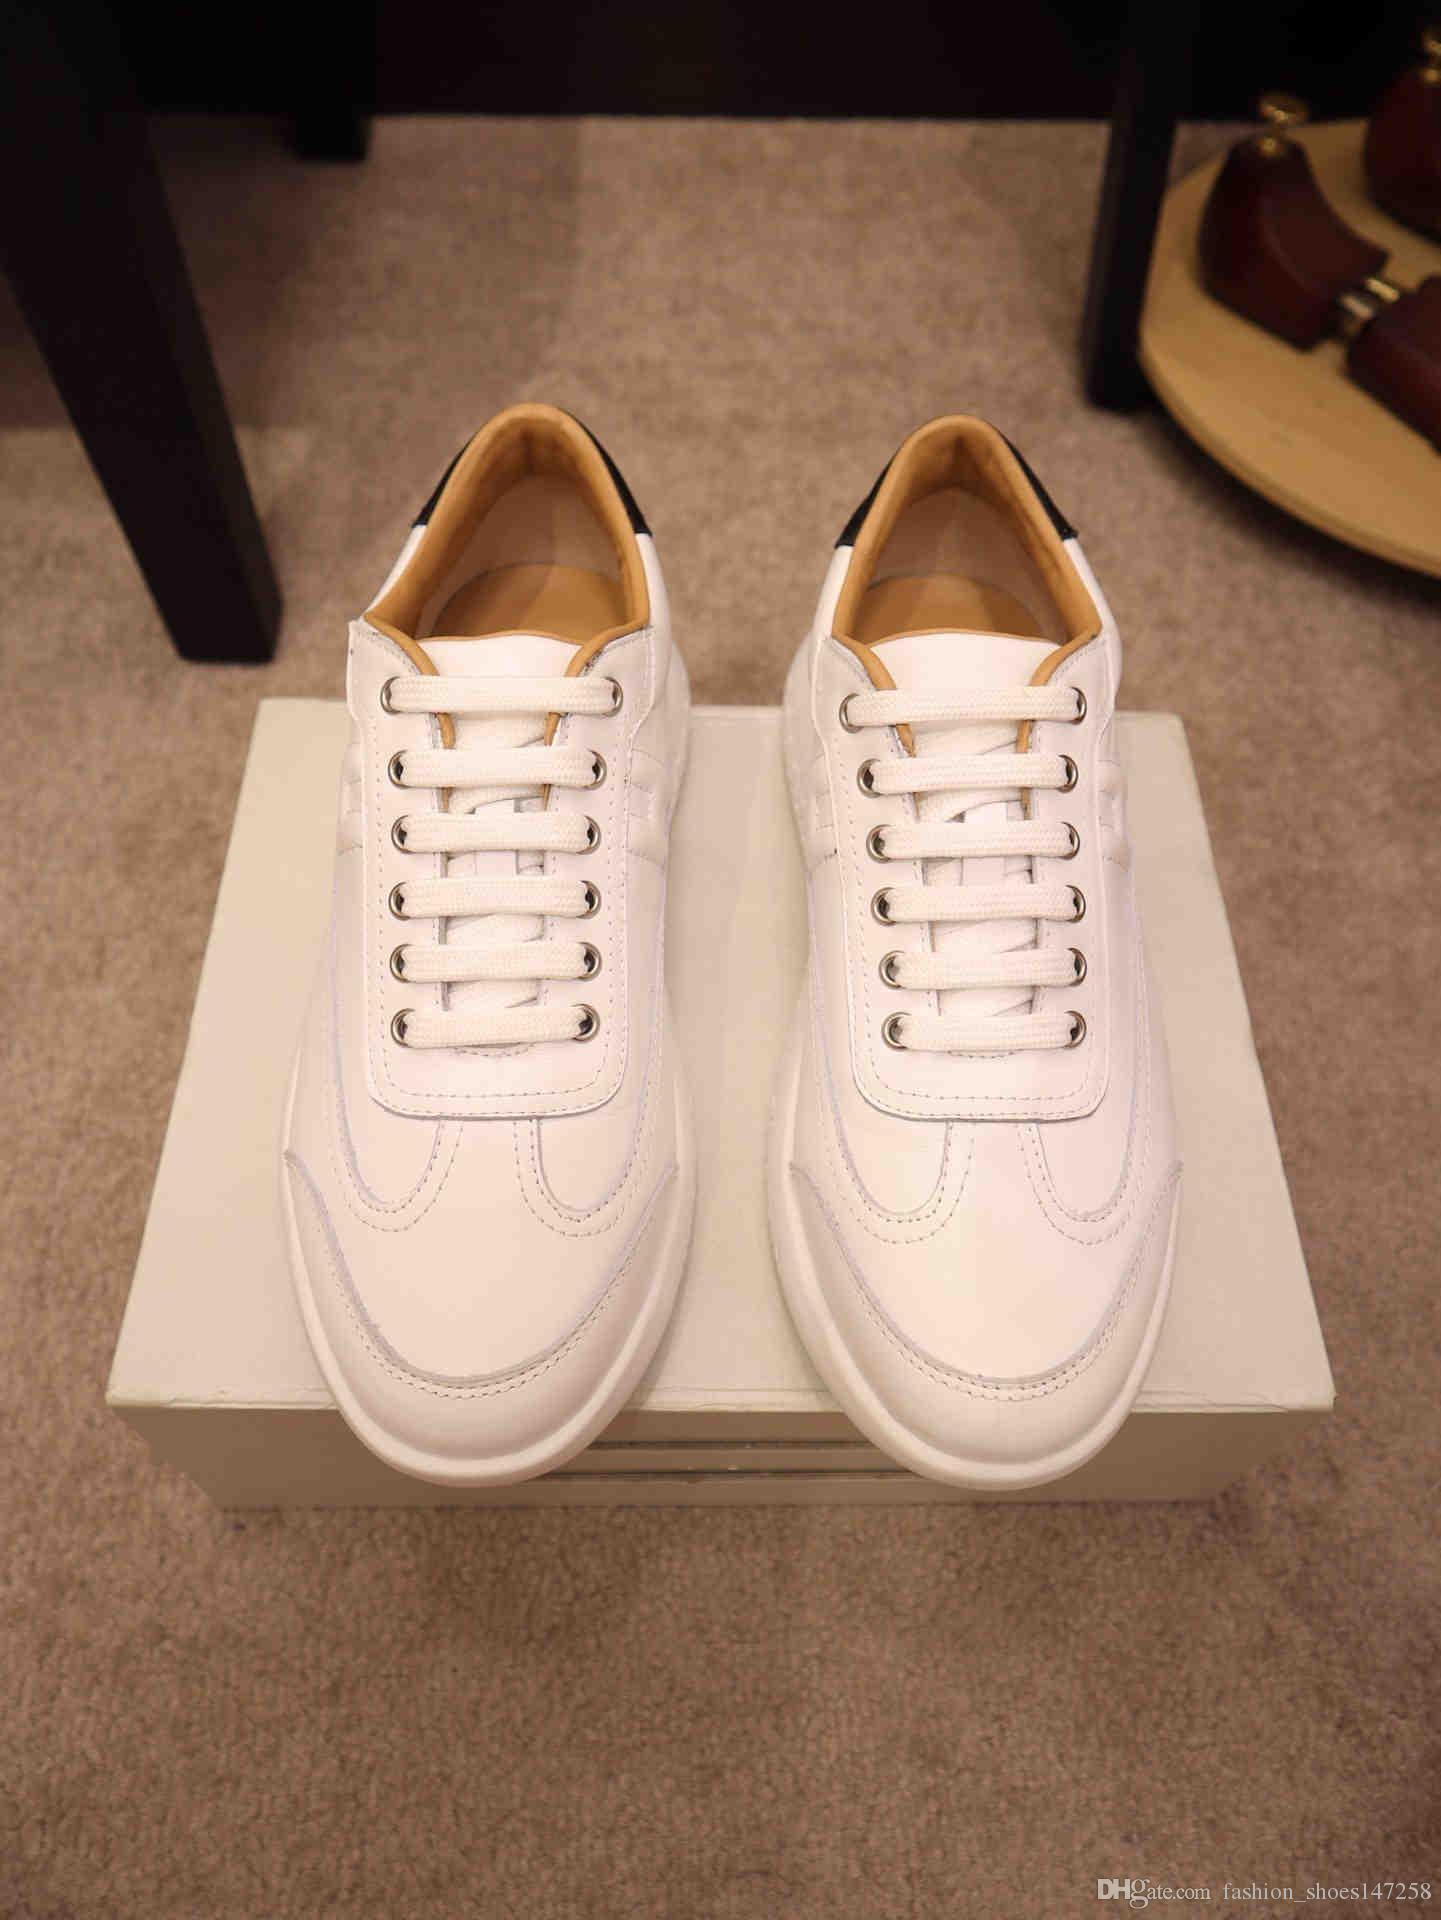 2020 moda casuali le scarpe da tennis degli uomini NUOVI ZJ di alta qualità, pattini di cuoio casuali uomini di disegno scarpe da tennis degli uomini di lusso